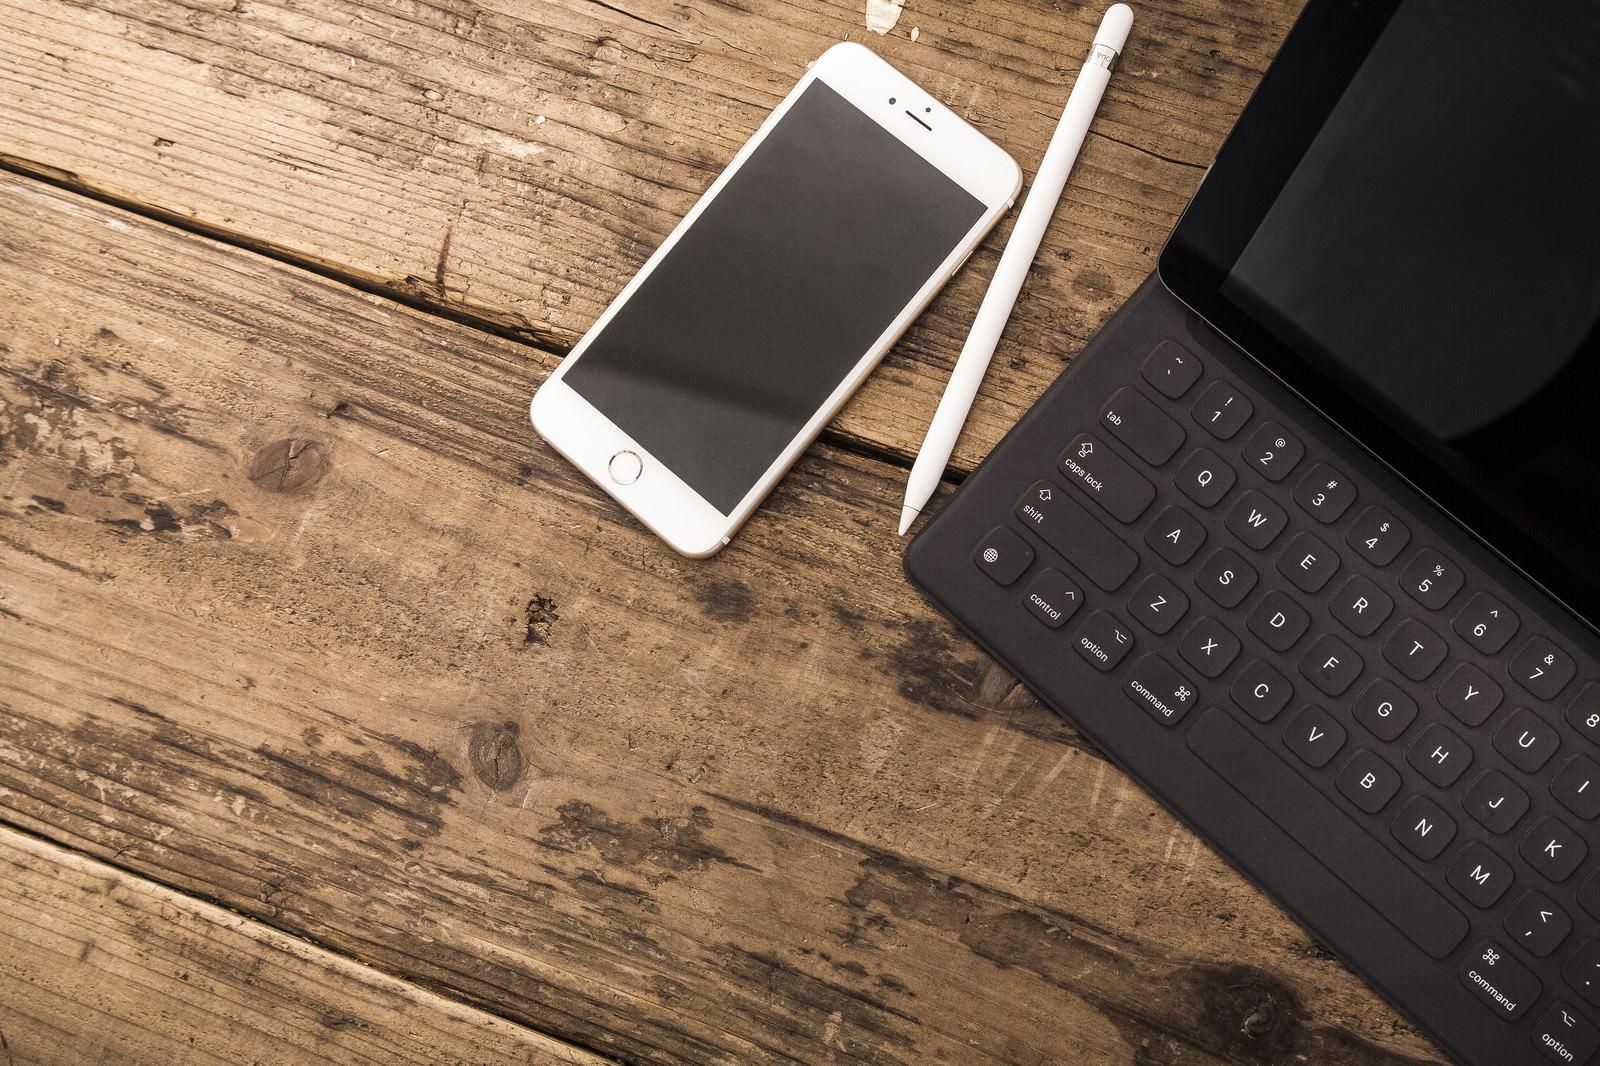 「スマートフォンとタブレットのある生活スマートフォンとタブレットのある生活」のフリー写真素材を拡大